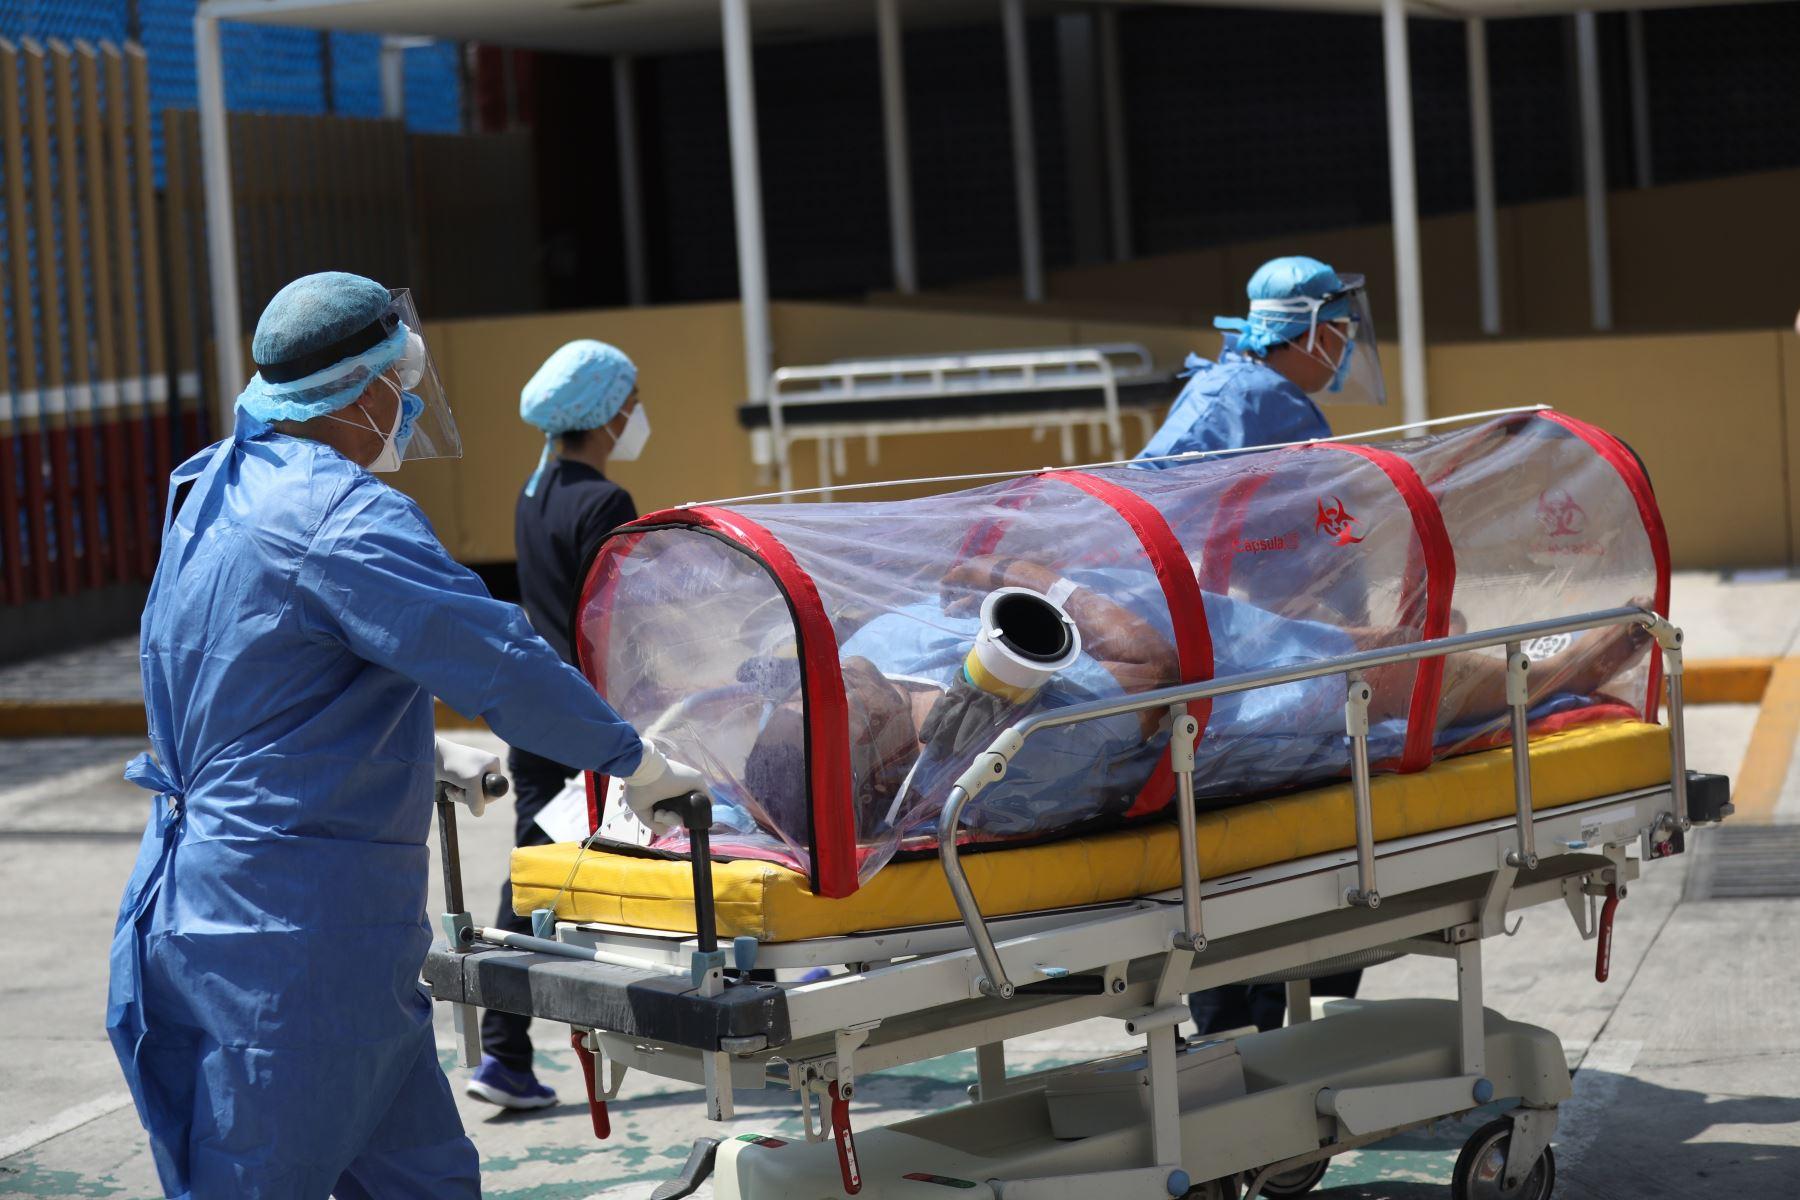 México suma 3,573 muertes y 36,327 casos de covid-19 desde inicio de  pandemia | Noticias | Agencia Peruana de Noticias Andina